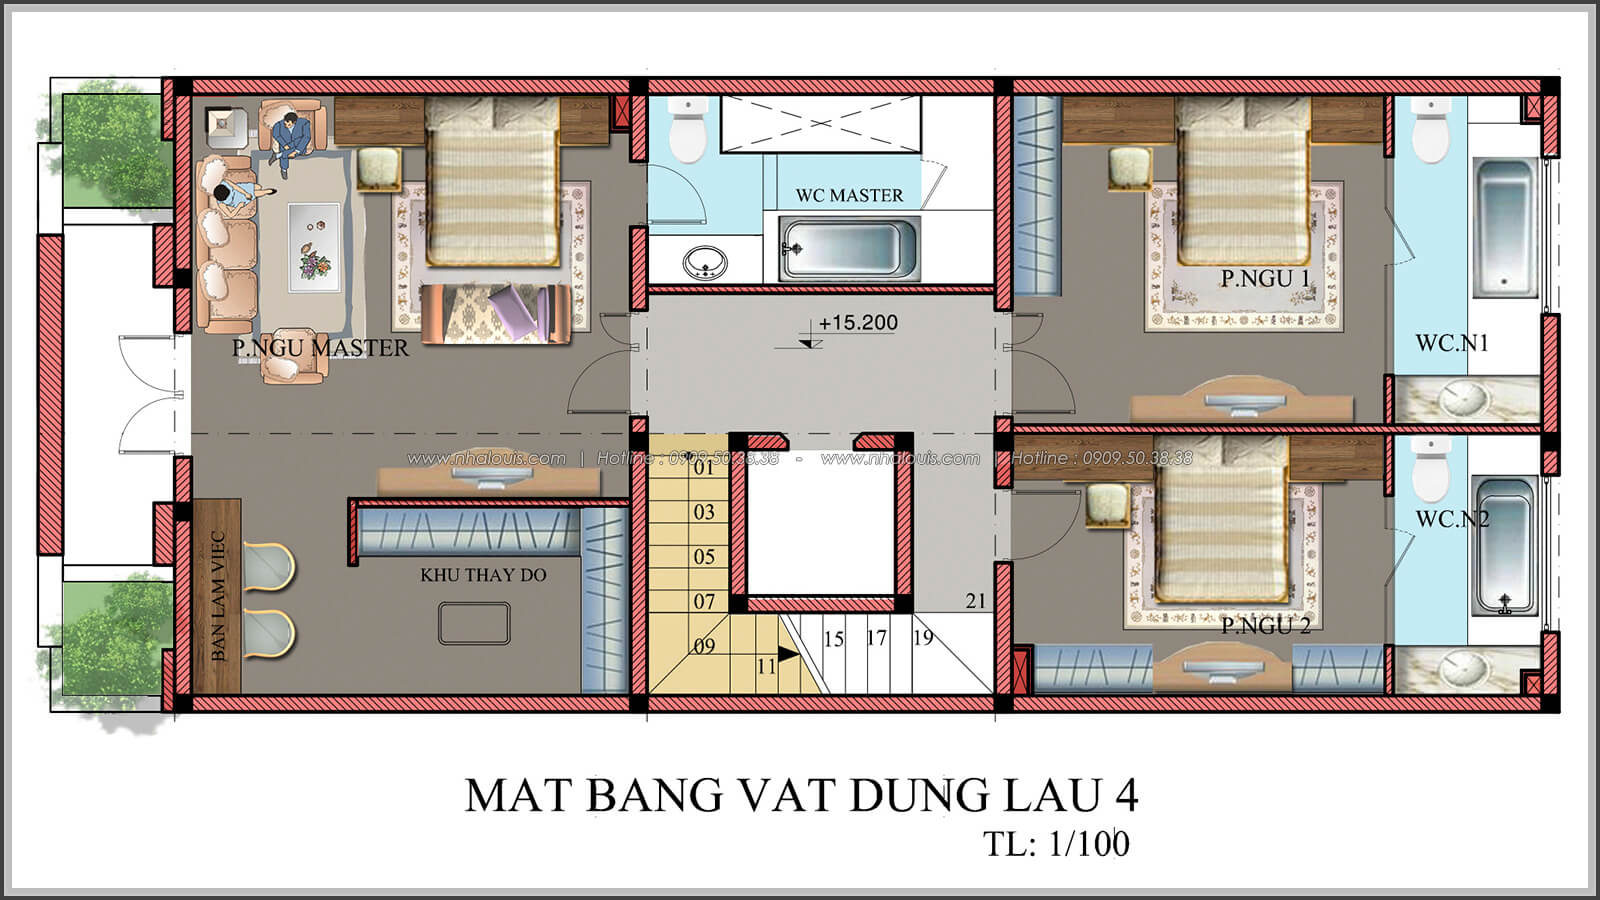 Mặt bằng tầng 4 thiết kế penthouses với nội thất cực chất anh Kim quận Tân Bình - 11